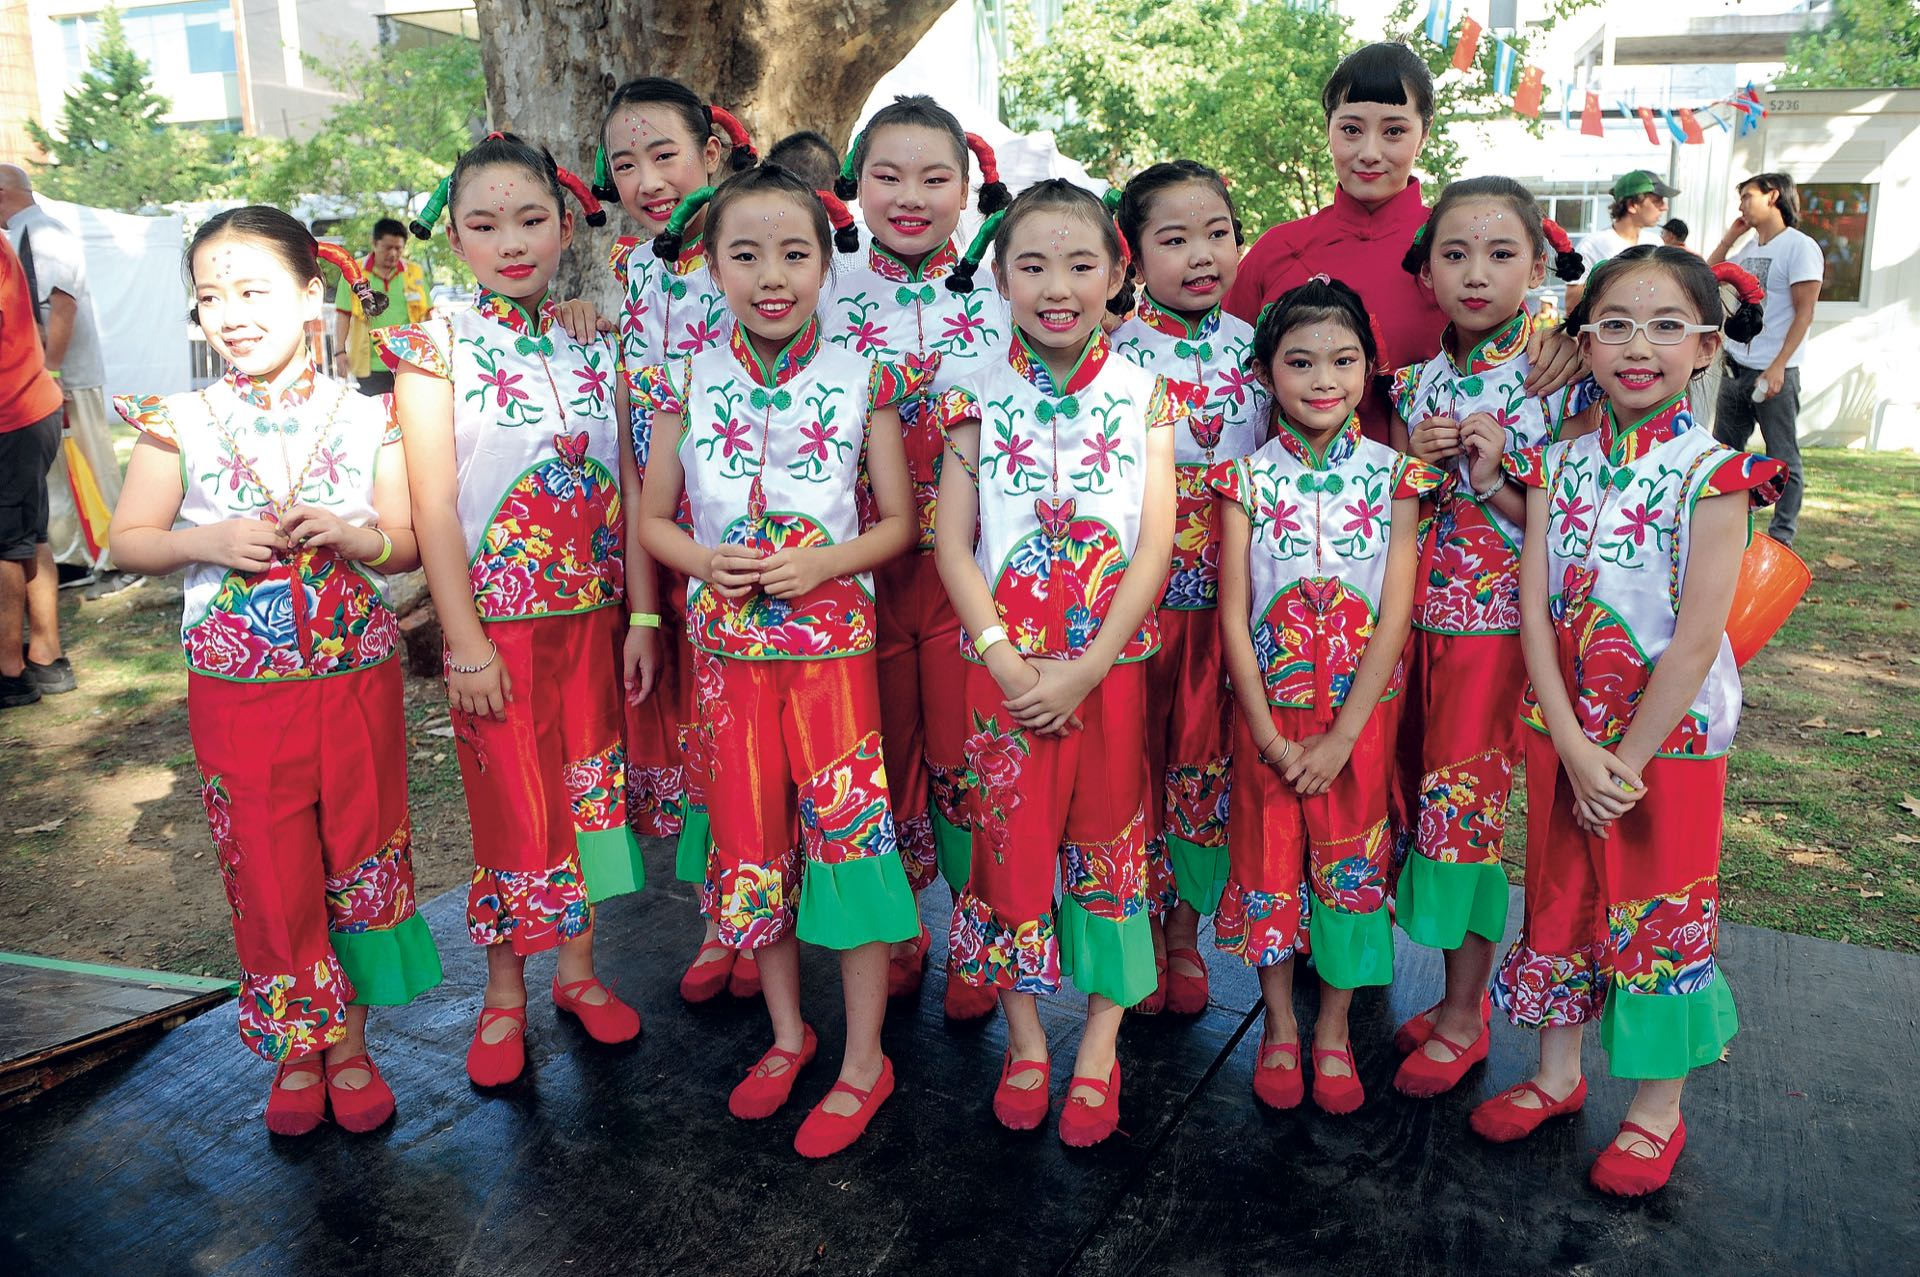 Las alumnas de la escuela de Jessy Wu interpretaron un número clásico de la Danza Infantil China. (Fotos: Fabián Mattiazzi y Télam)